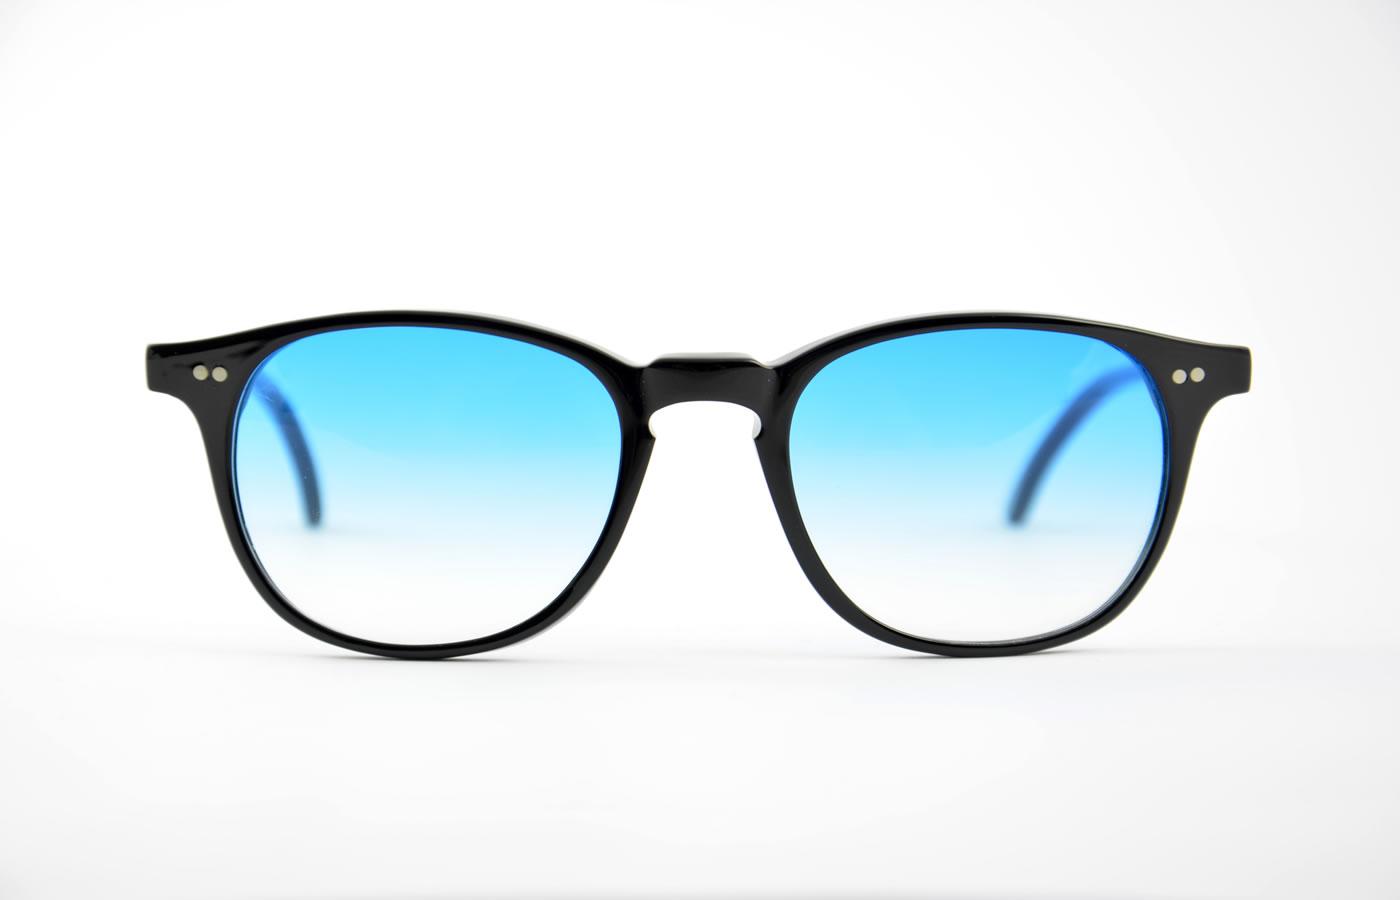 design senza tempo 770cd 1b873 Kador - K716 - nero con lenti azzurro sfumato